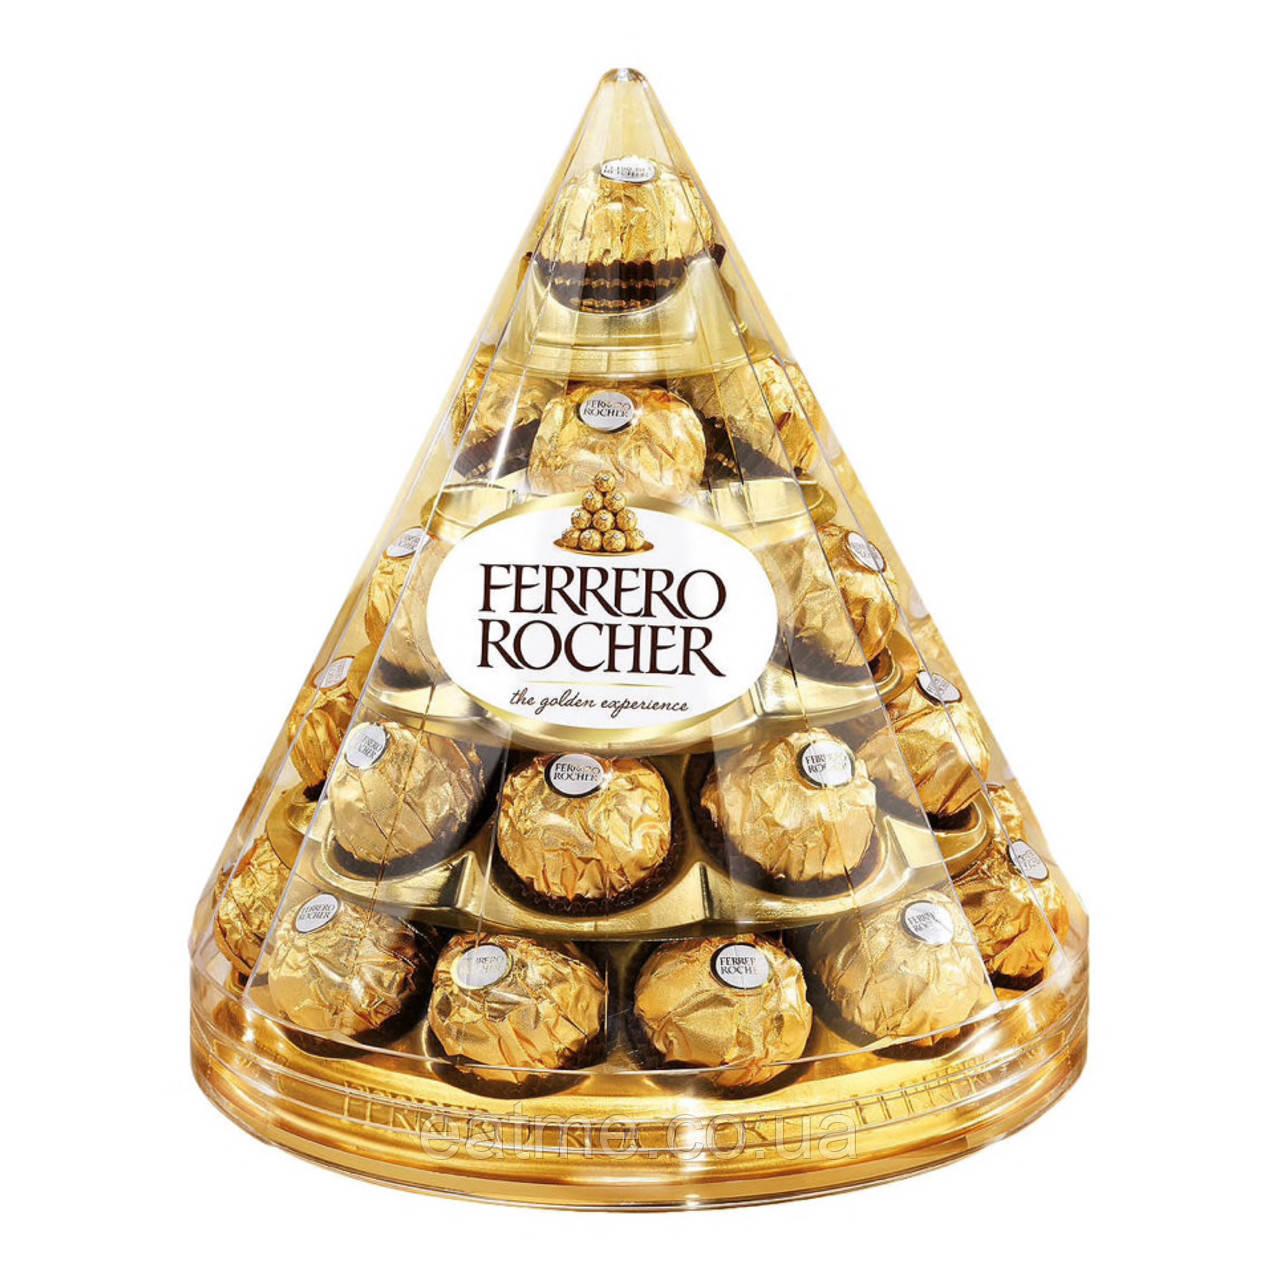 Ferrero Rocher Подарочный набор любимых конфет в виде пирамиды